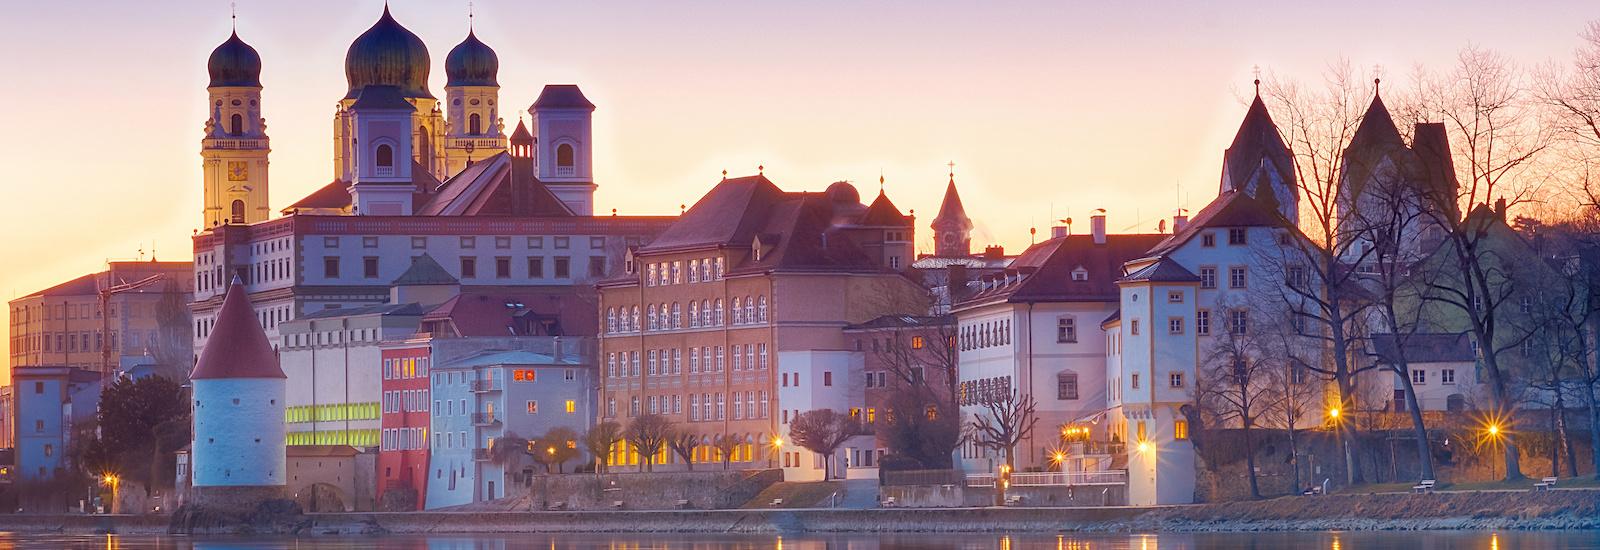 Die Stadt Passau